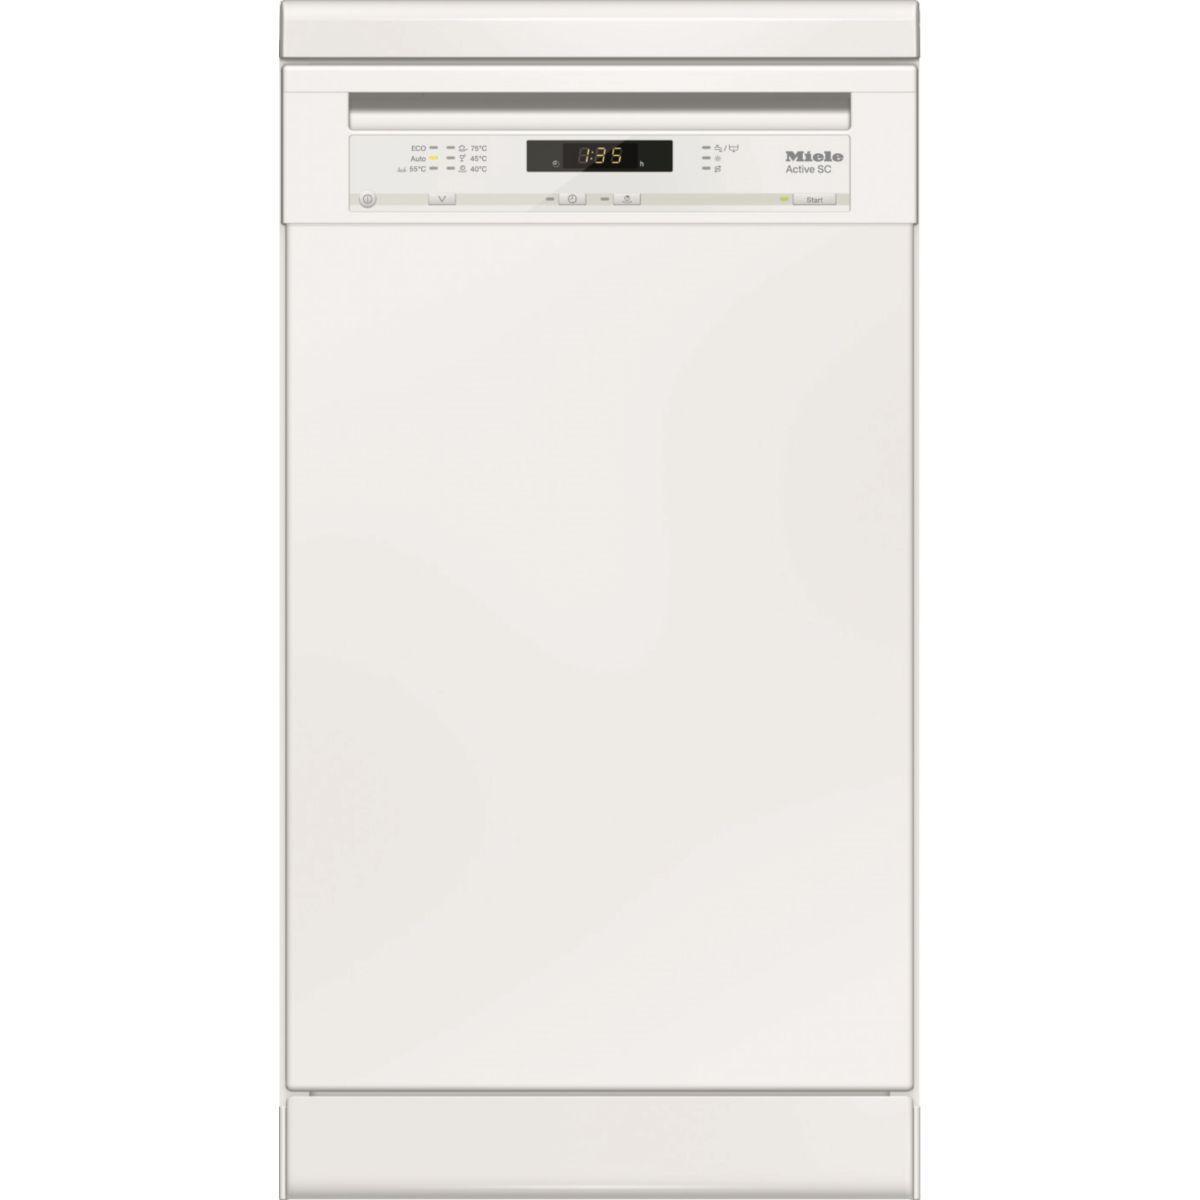 Lave vaisselle 45 cm miele g 4620 sc active - livraison offerte : code livp